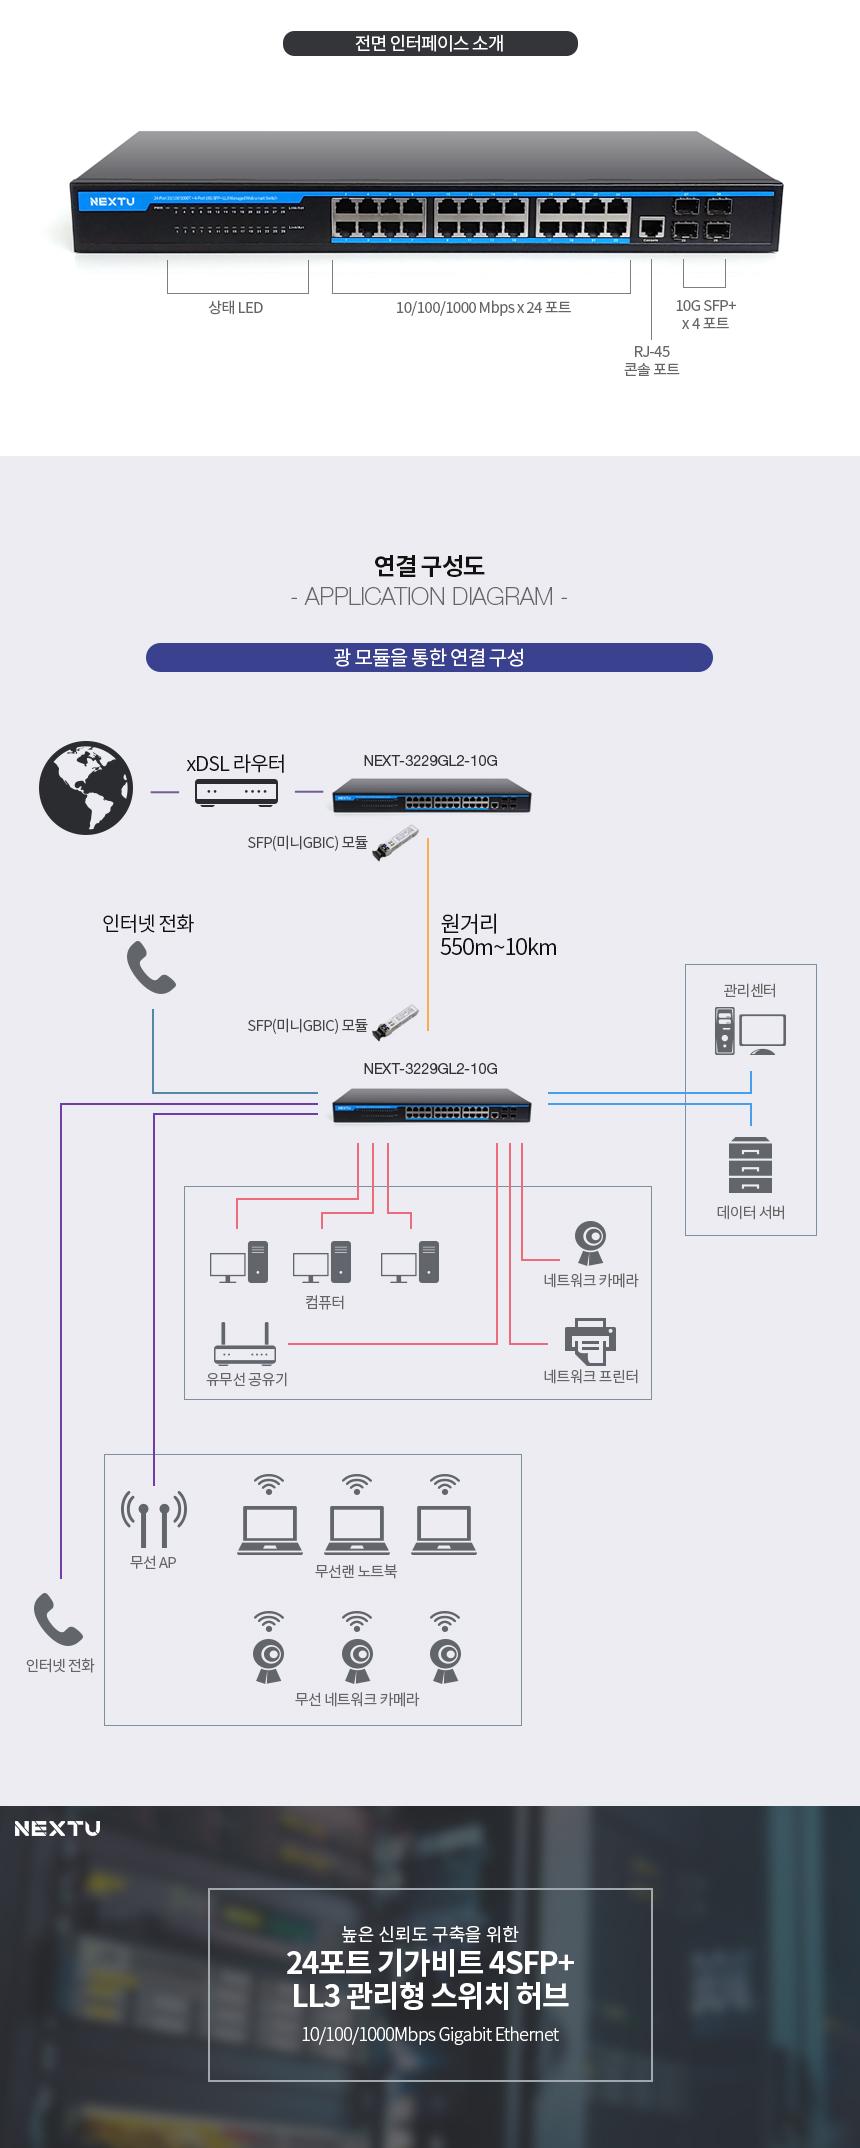 이지넷유비쿼터스 넥스트 NEXT-3229GL2-10G 스위치허브